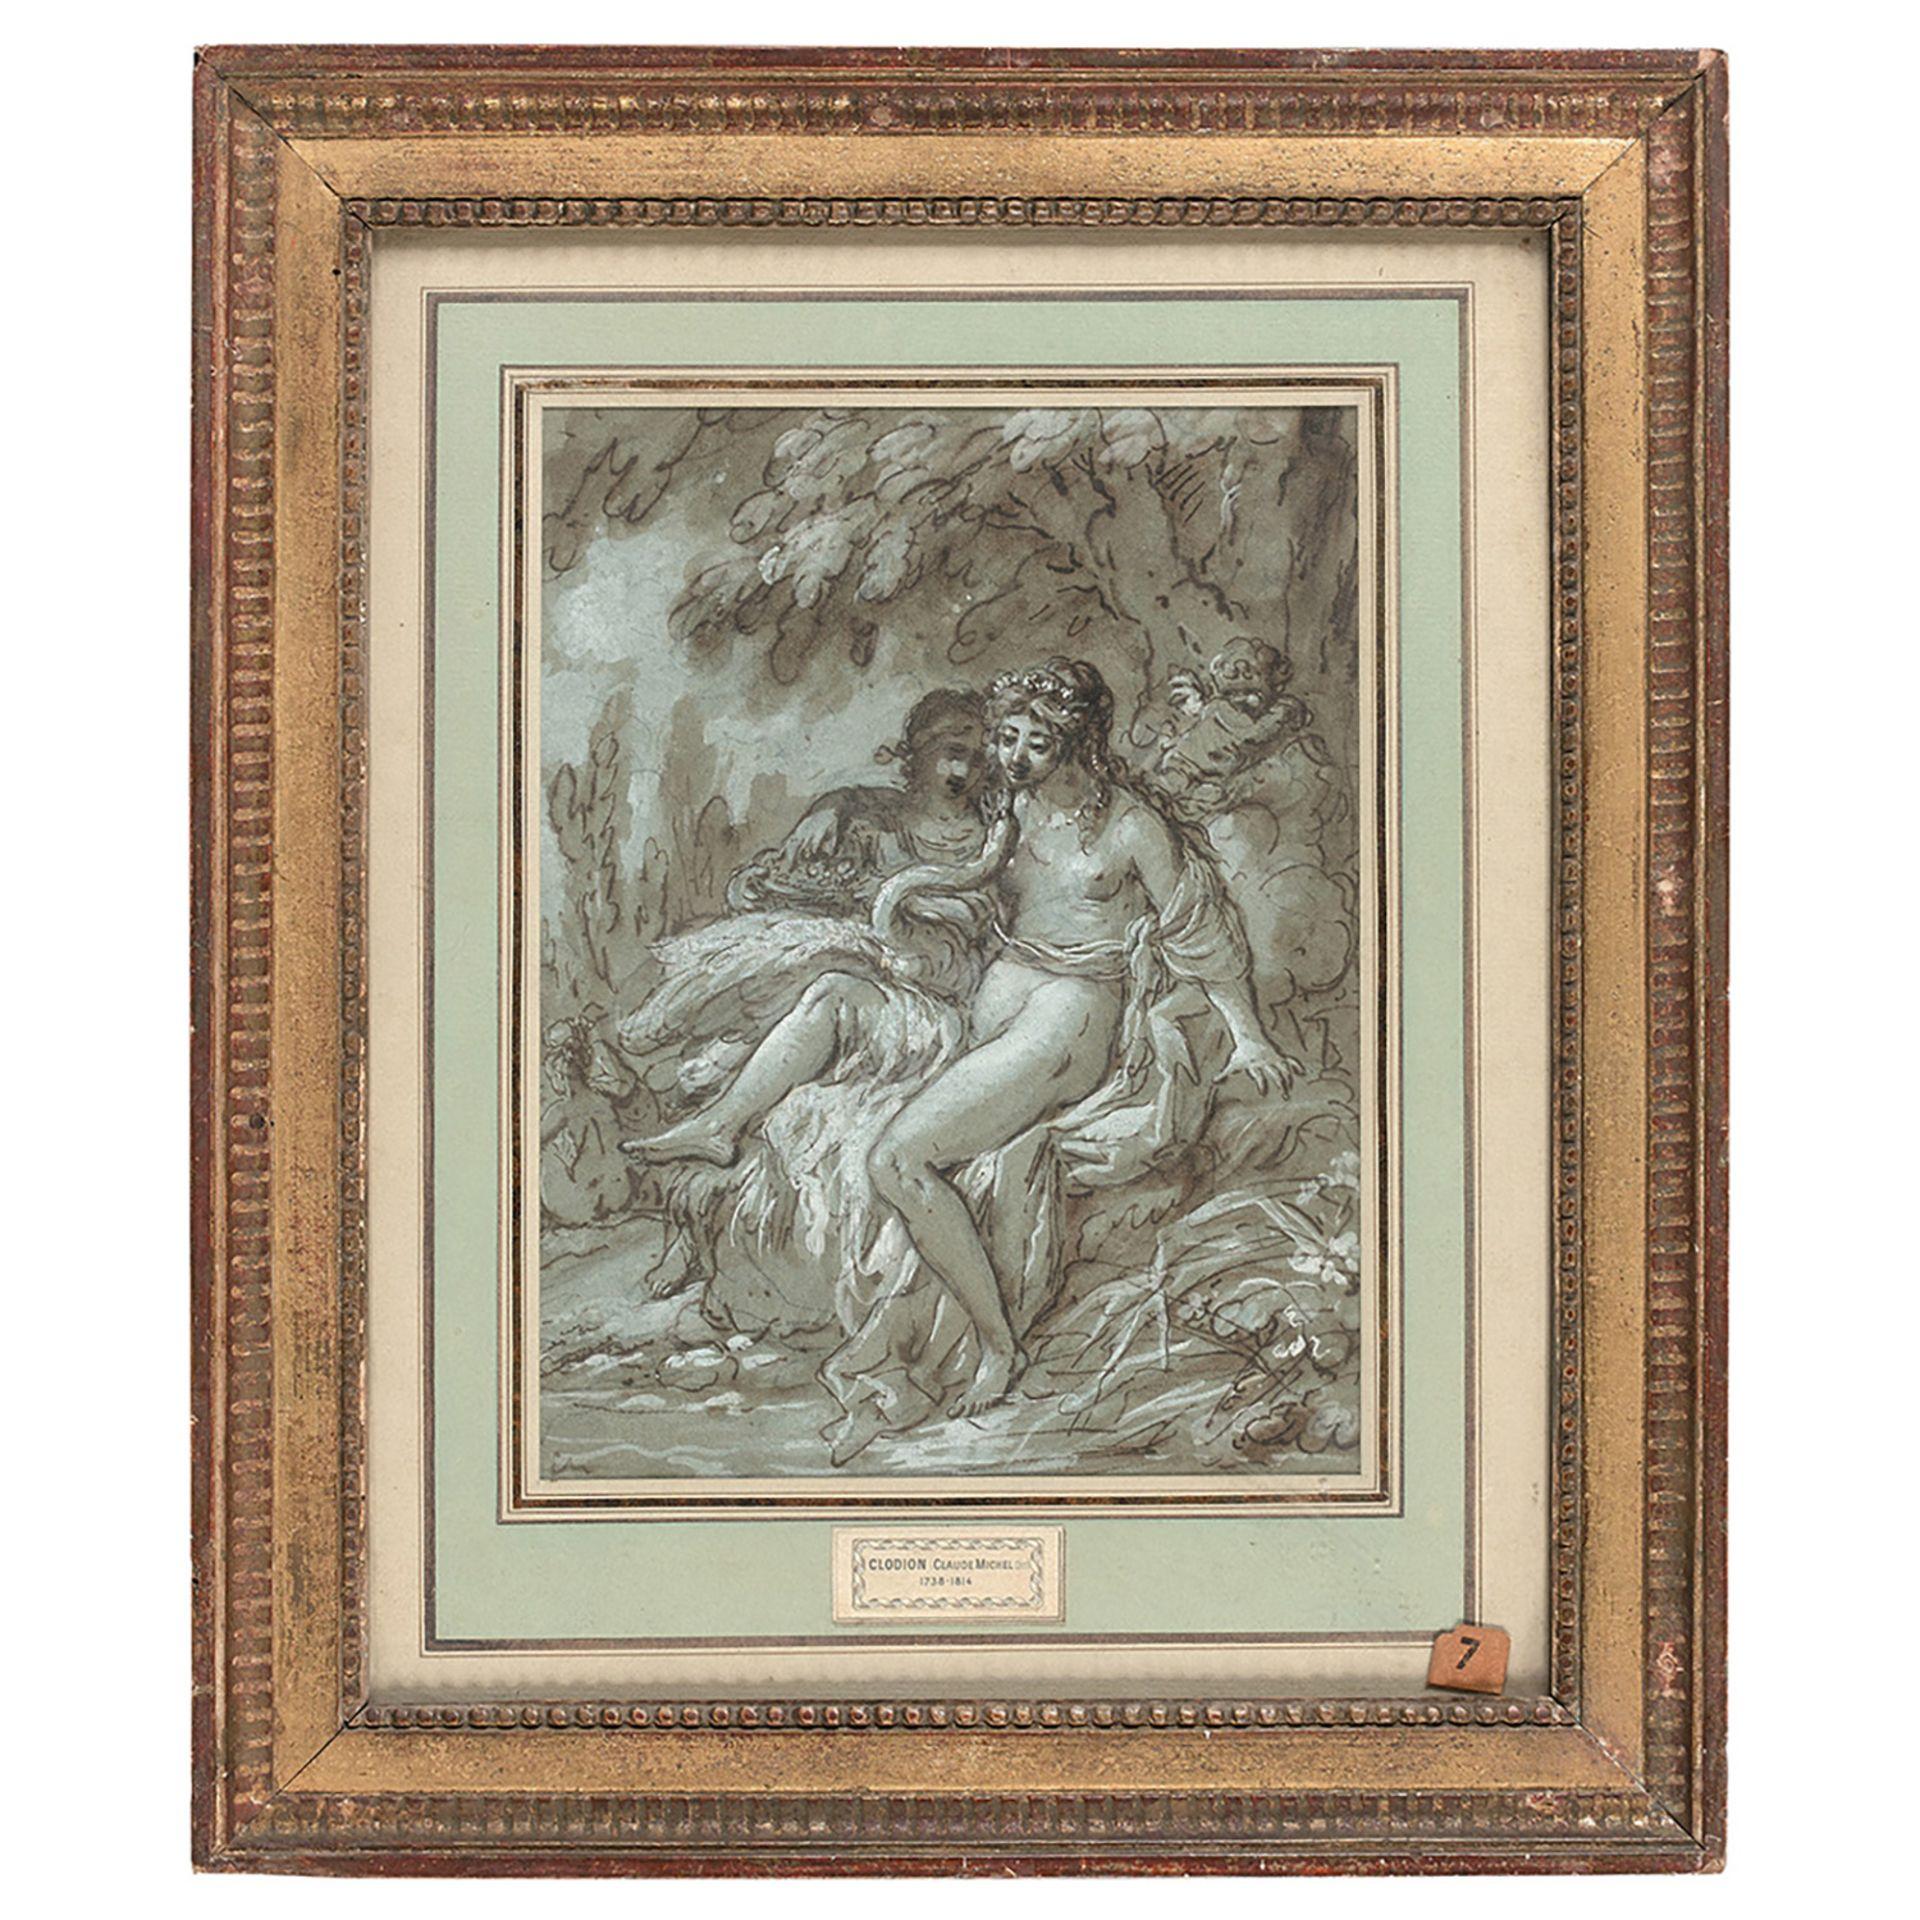 ATTRIBUÉ À CLAUDE MICHEL DIT CLODION (Nancy 1738-Paris 1814) - Bild 2 aus 2